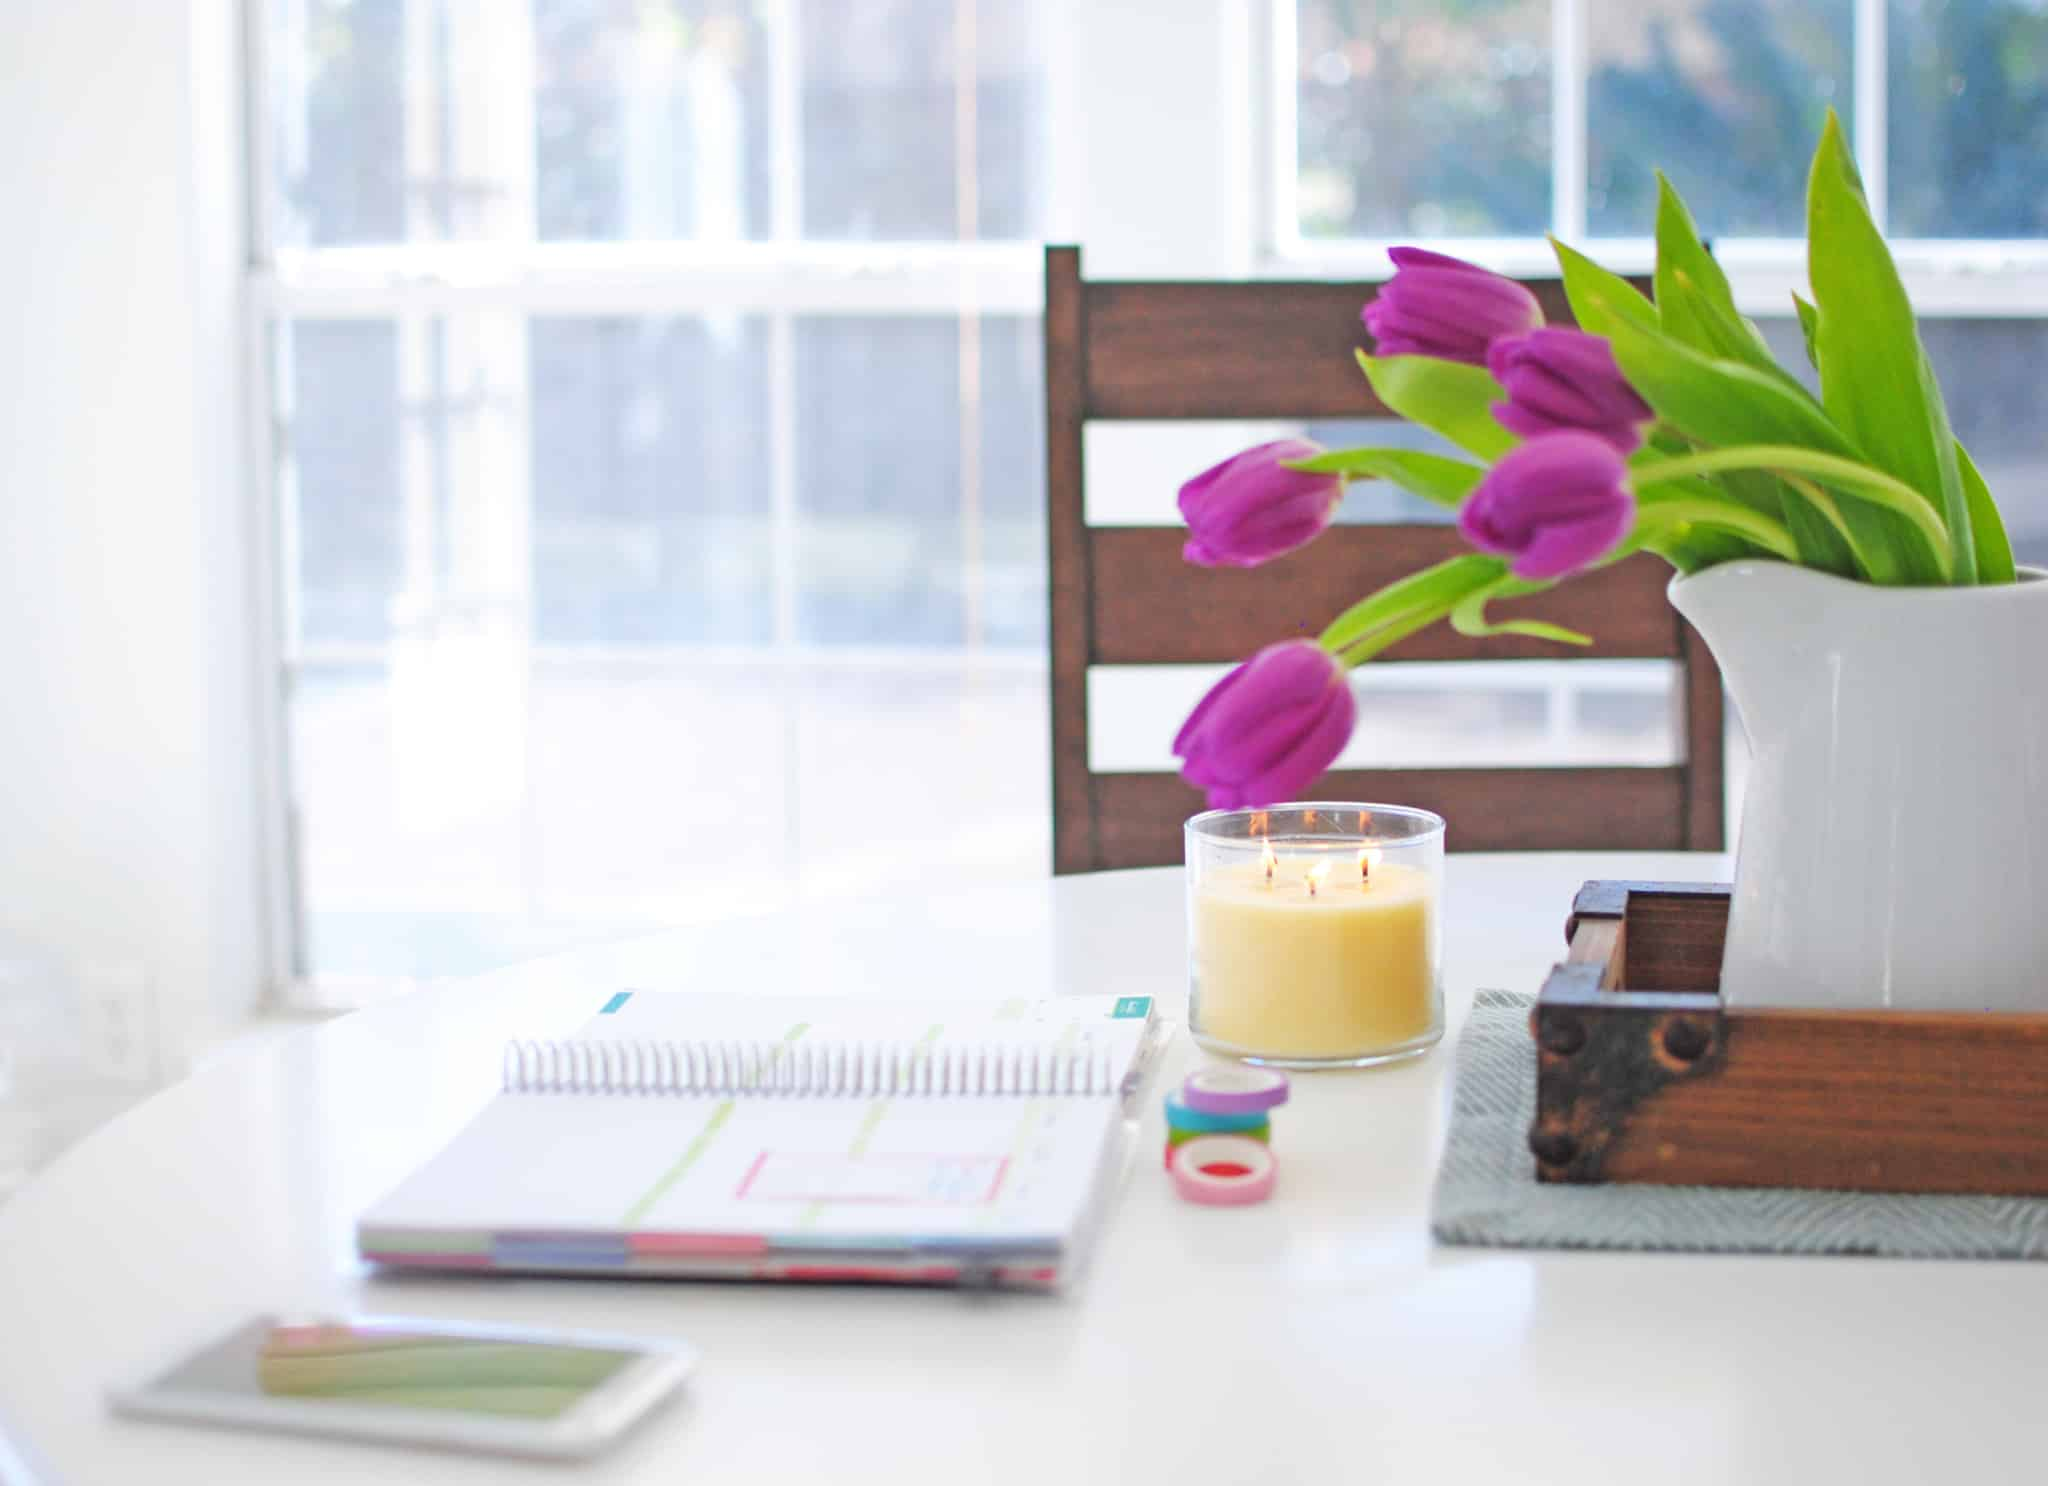 caderno em cima da mesa com vaso de flores ao lado